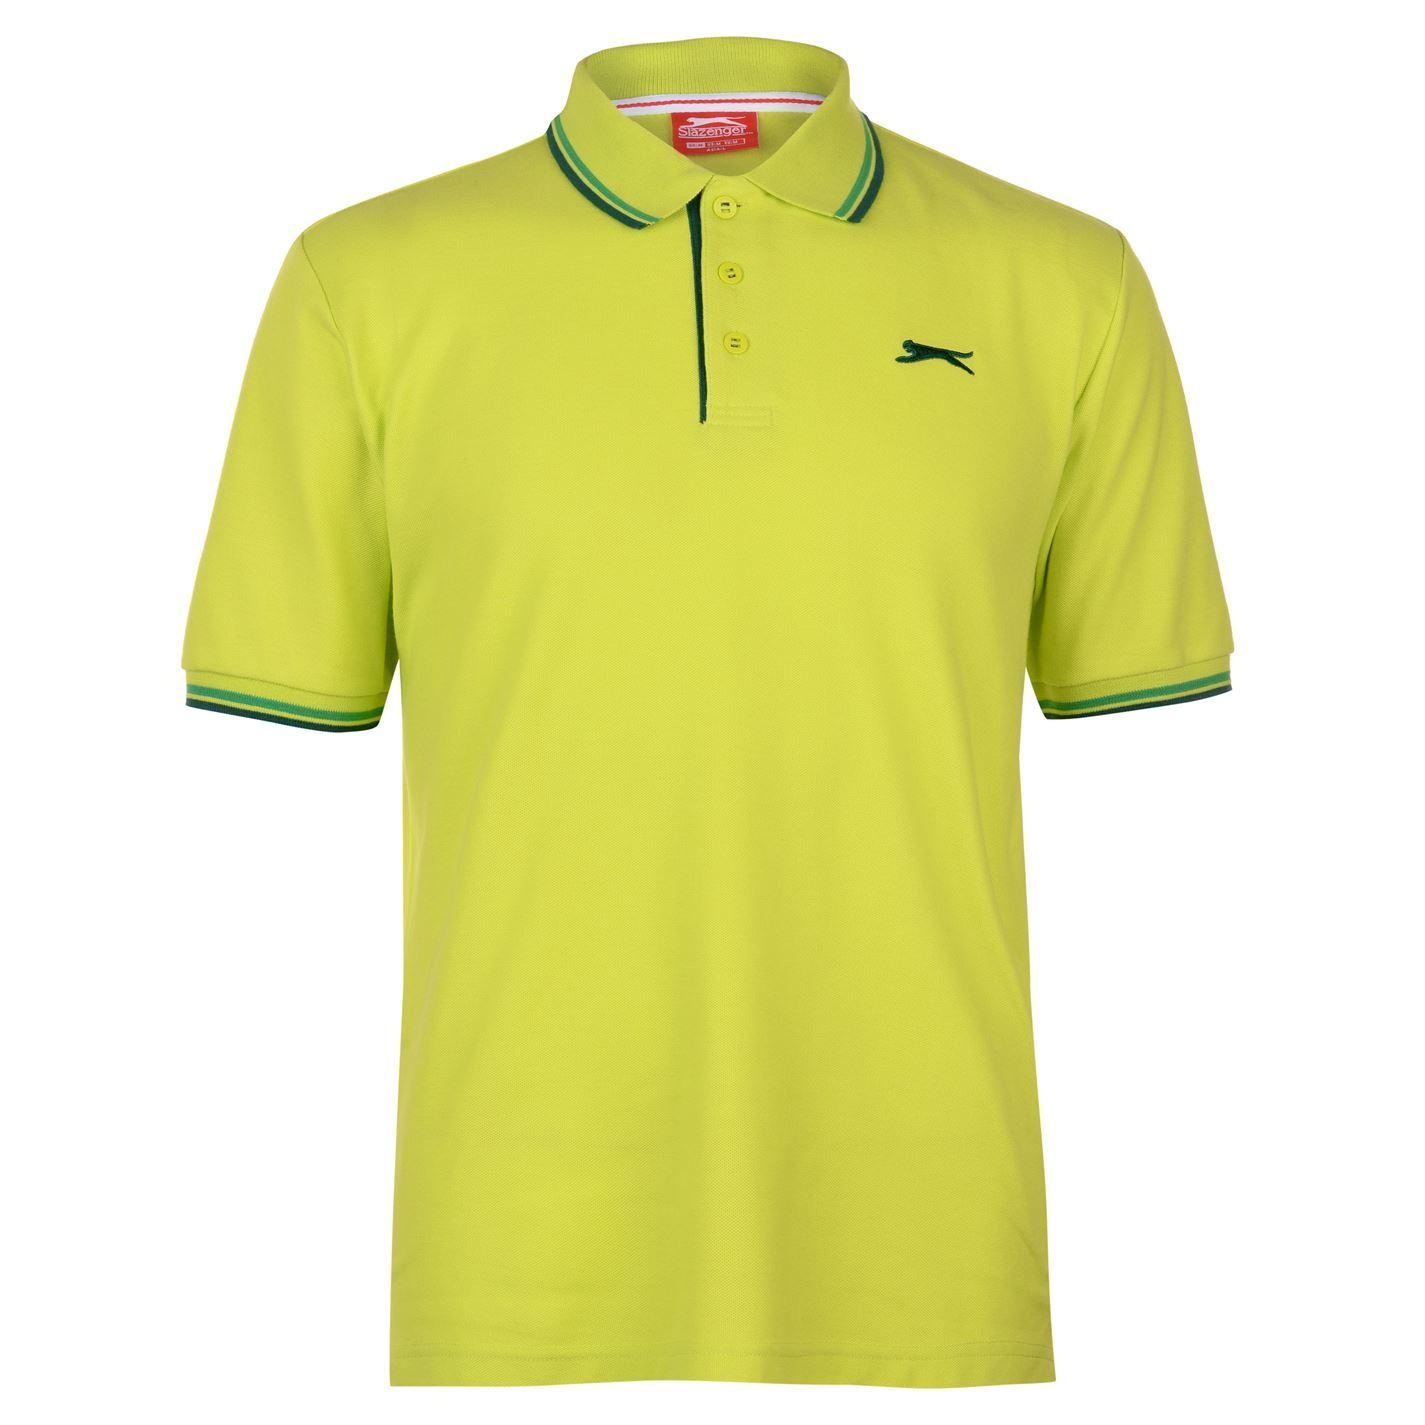 Slazenger-Polo-Camisa-de-hombre-con-cuello-con-Punta-T-Shirt-Top-Camiseta-Tee miniatura 46